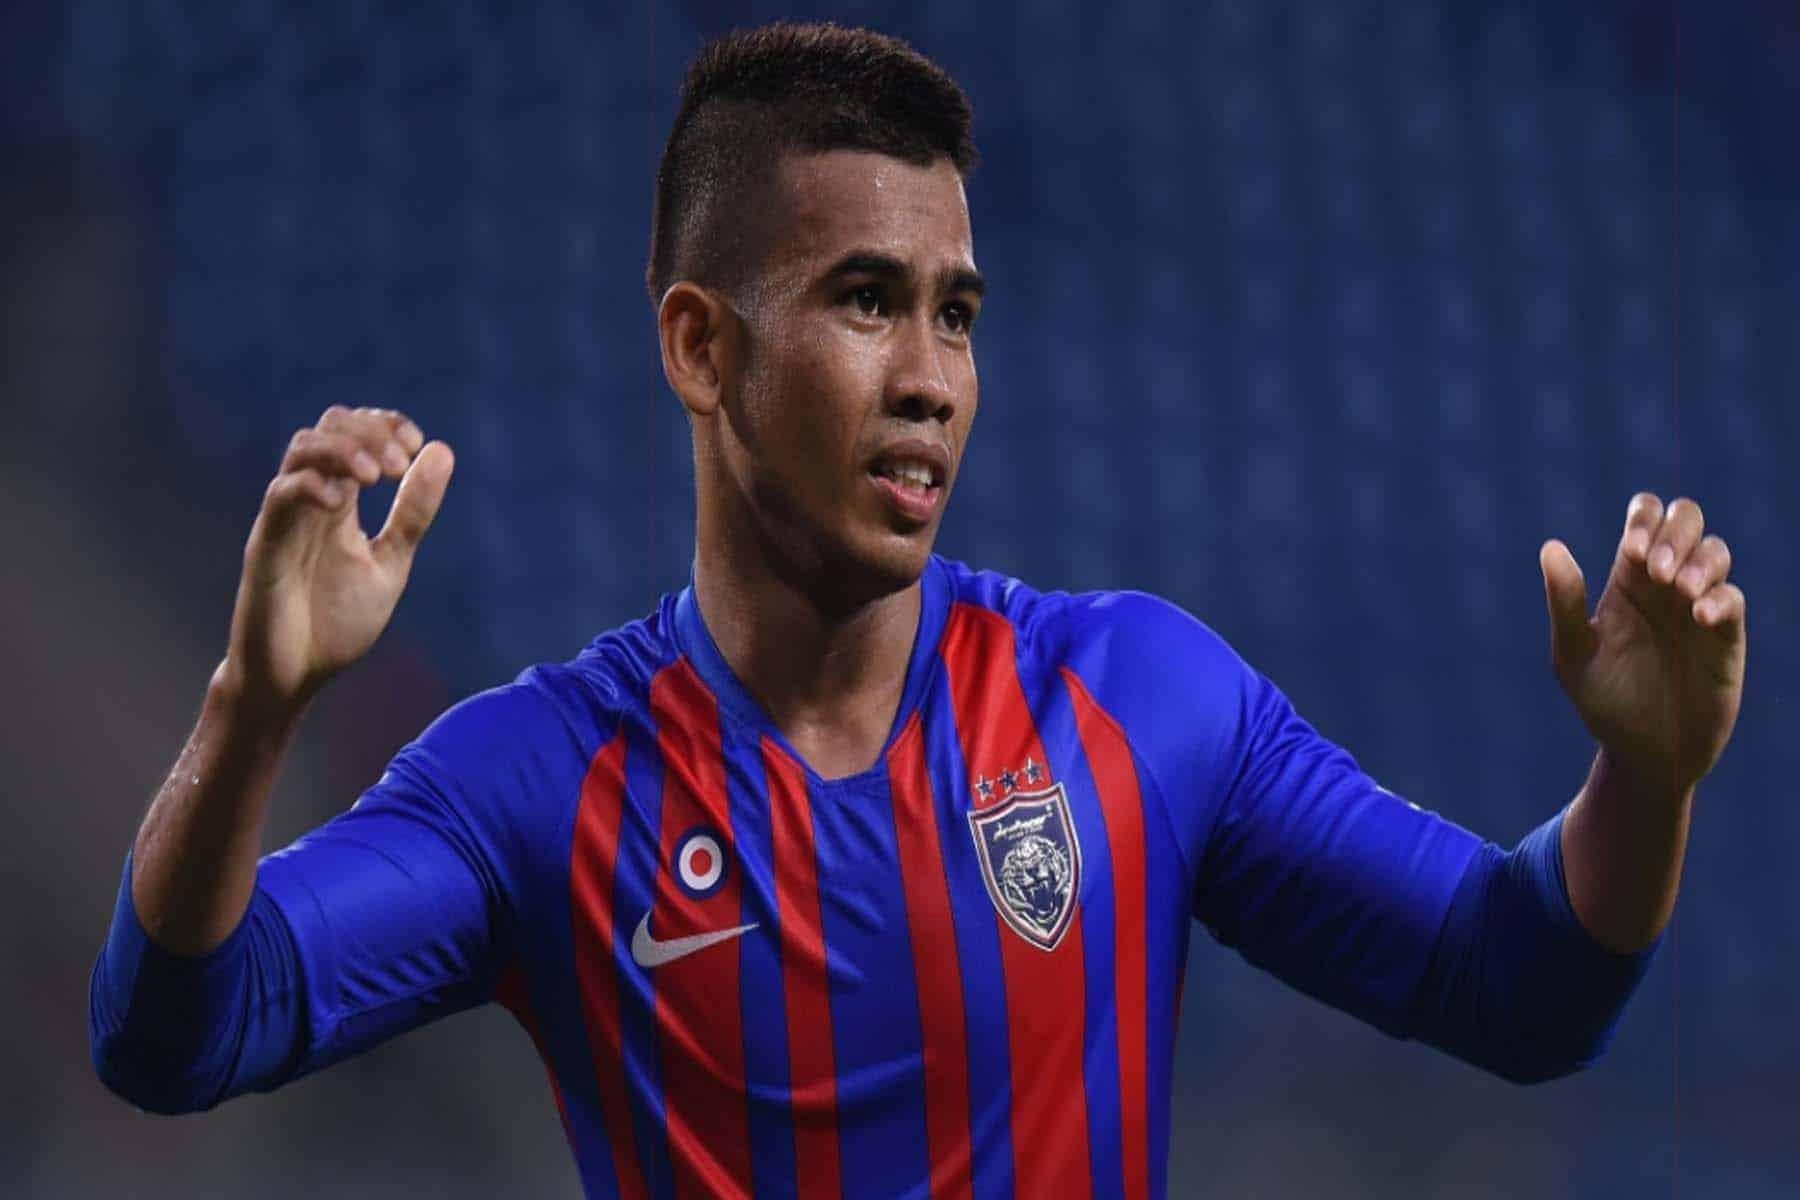 Hangat !!! Hasrat Safawi Rasid dalam Liga Primeira Portugal semakin kabur